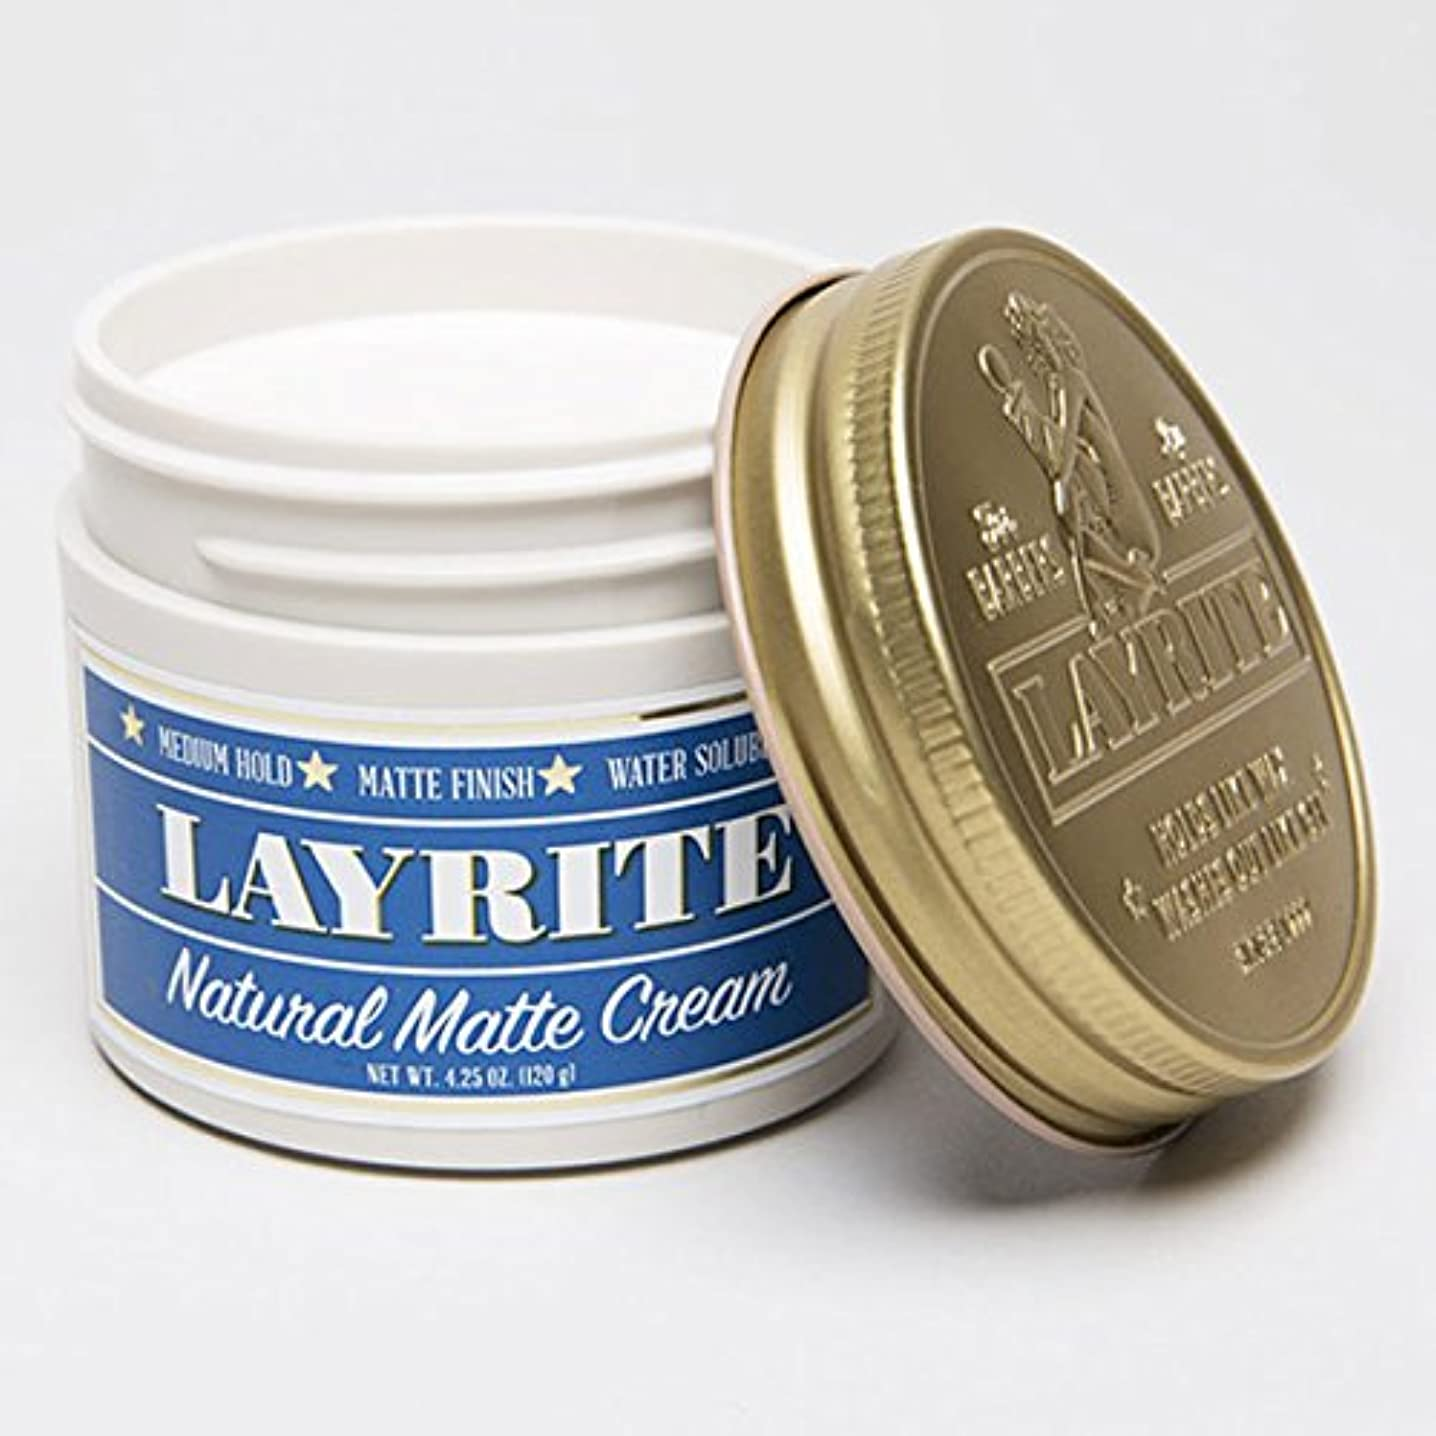 厳密にする小麦粉LAYRITE レイライト 【Natural Matte Cream Pomade】 水性ポマード ミディアムホールド 4.25OZ(約120G)